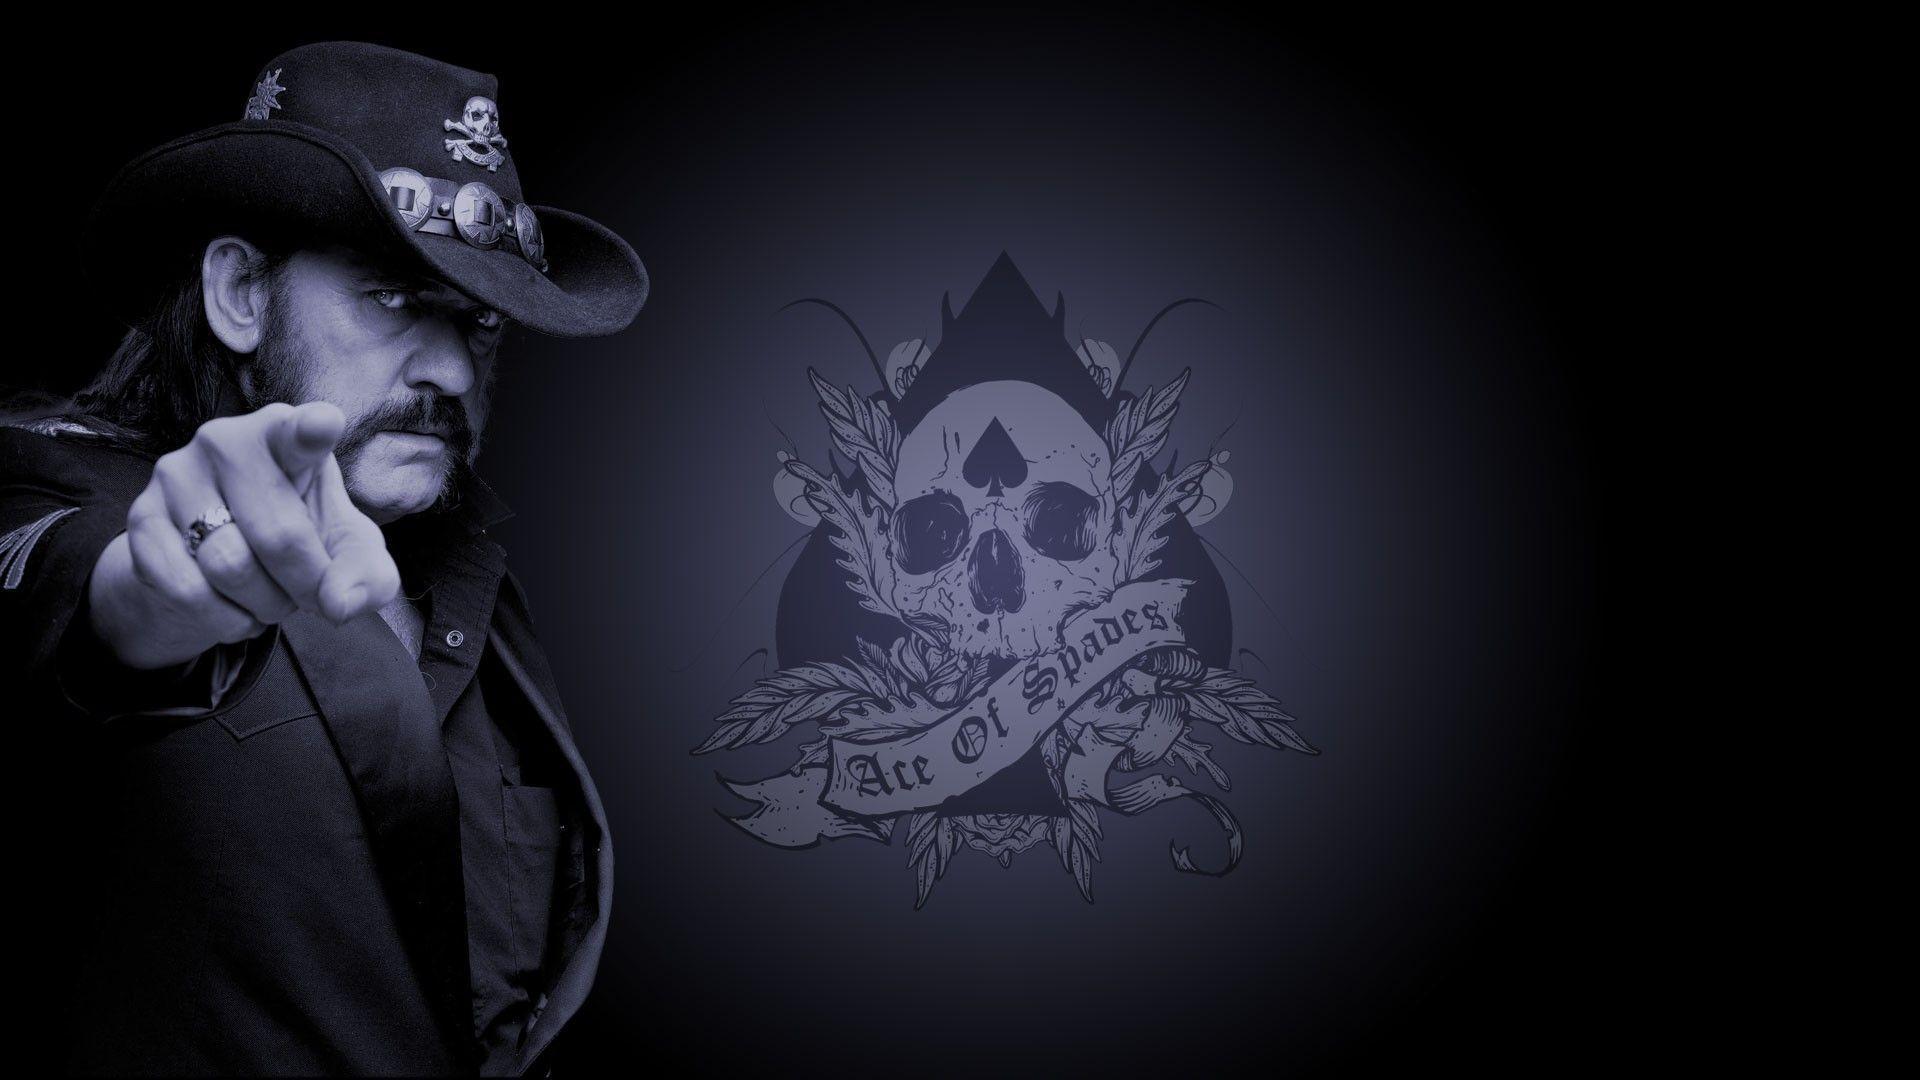 Lemmy Kilmister Rock Music Motorhead Wallpaper Hd: Motörhead Wallpapers